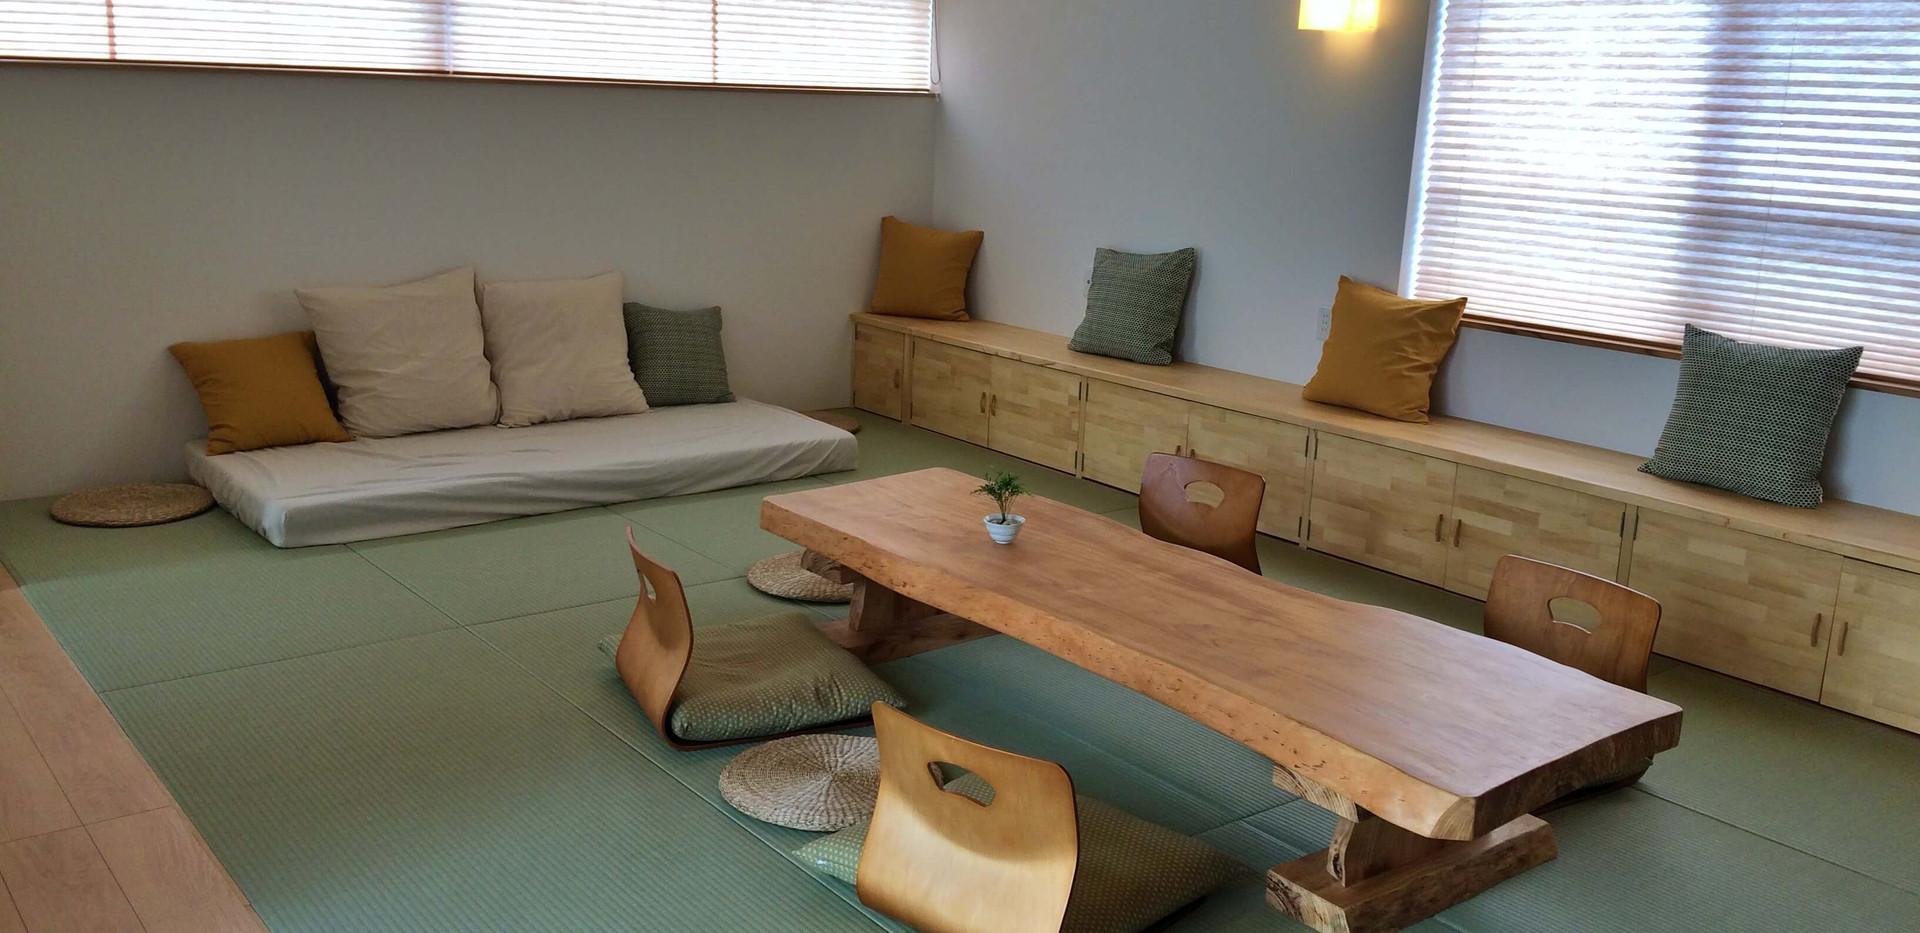 リビングのマットレスでゴロンとなると心地よい眠りに誘われます。 You can take a nap on the sofa in the living room